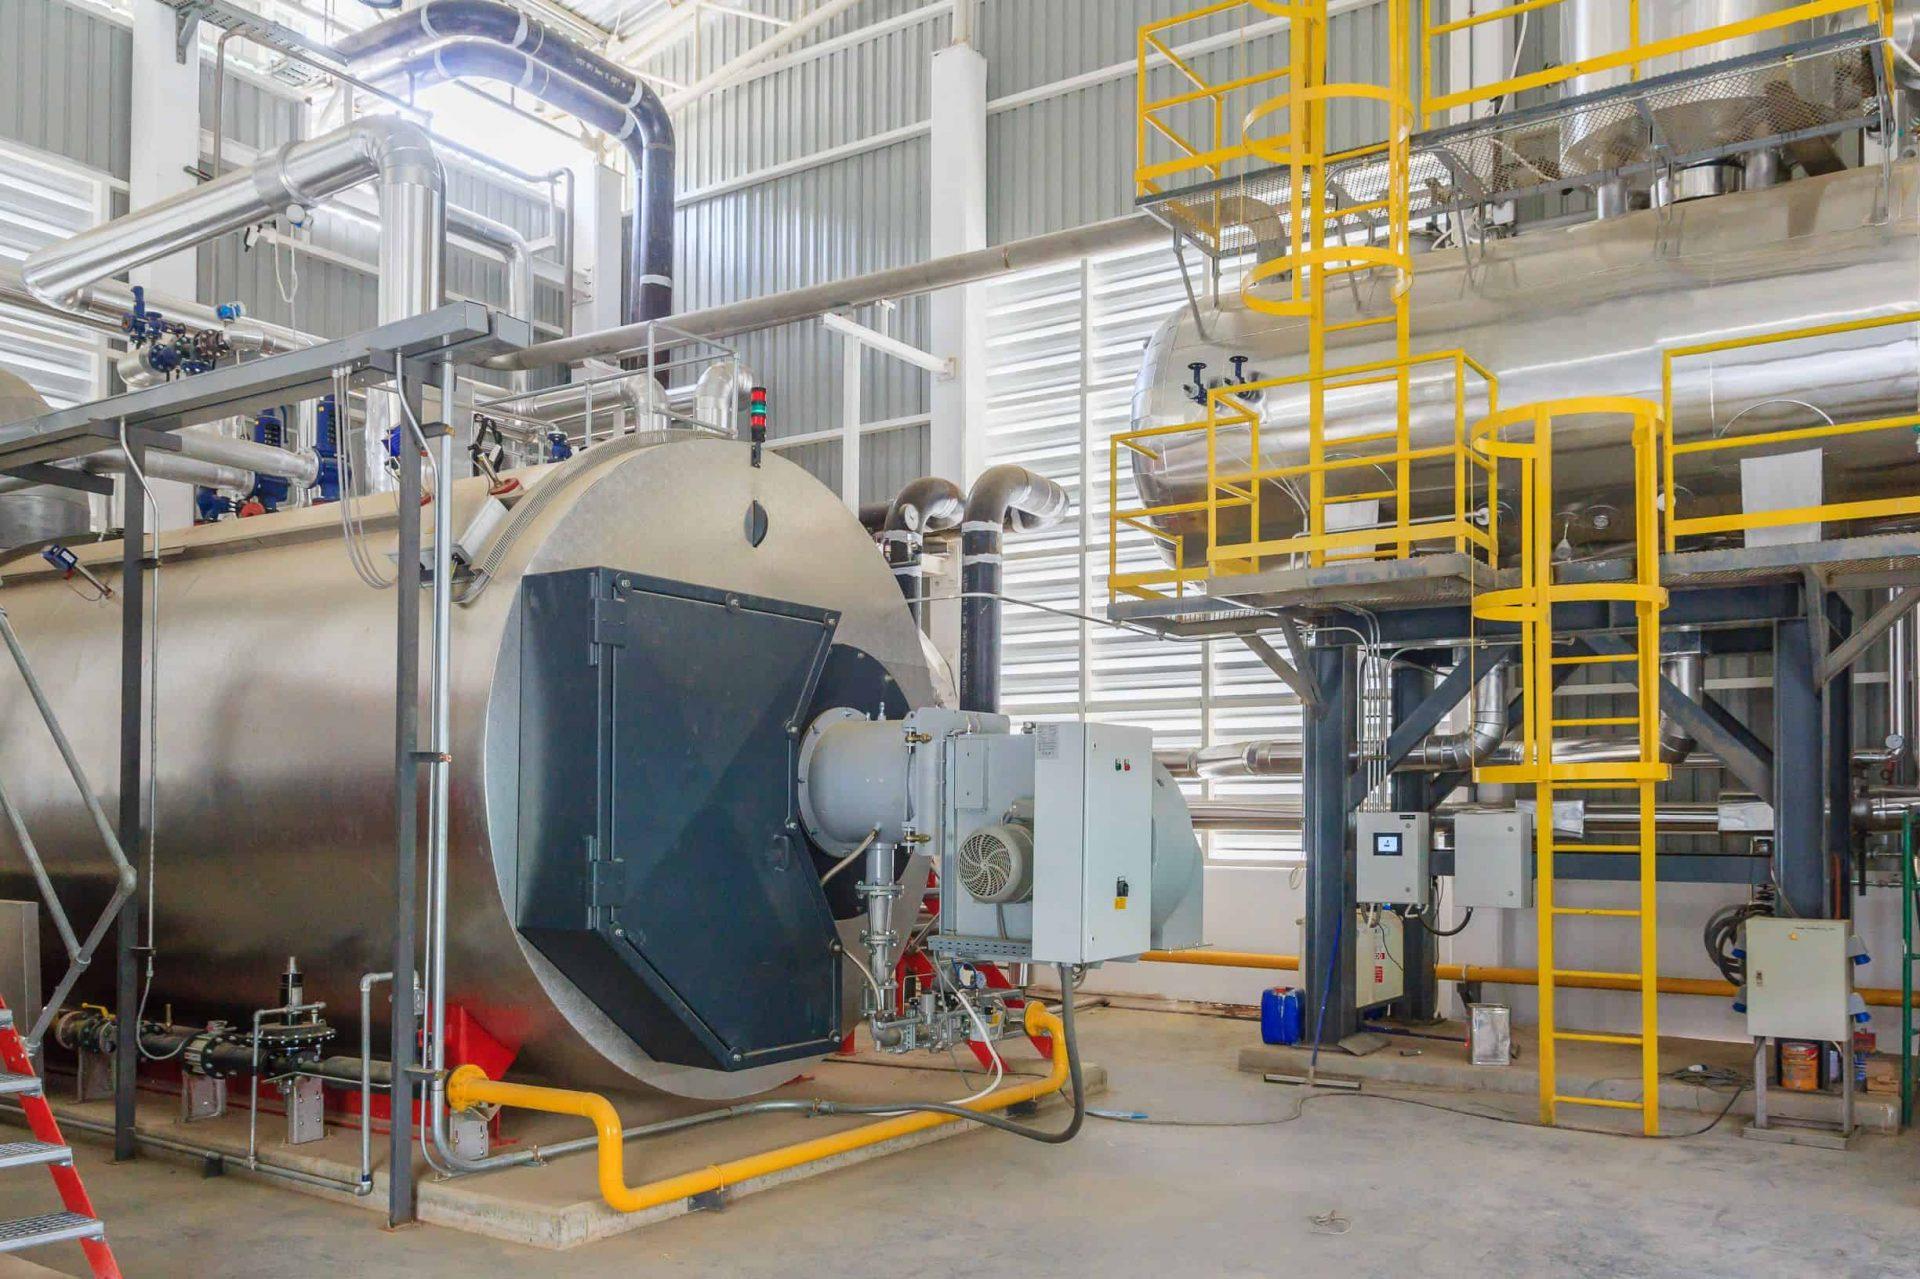 DCO sensors monitor steam boilers